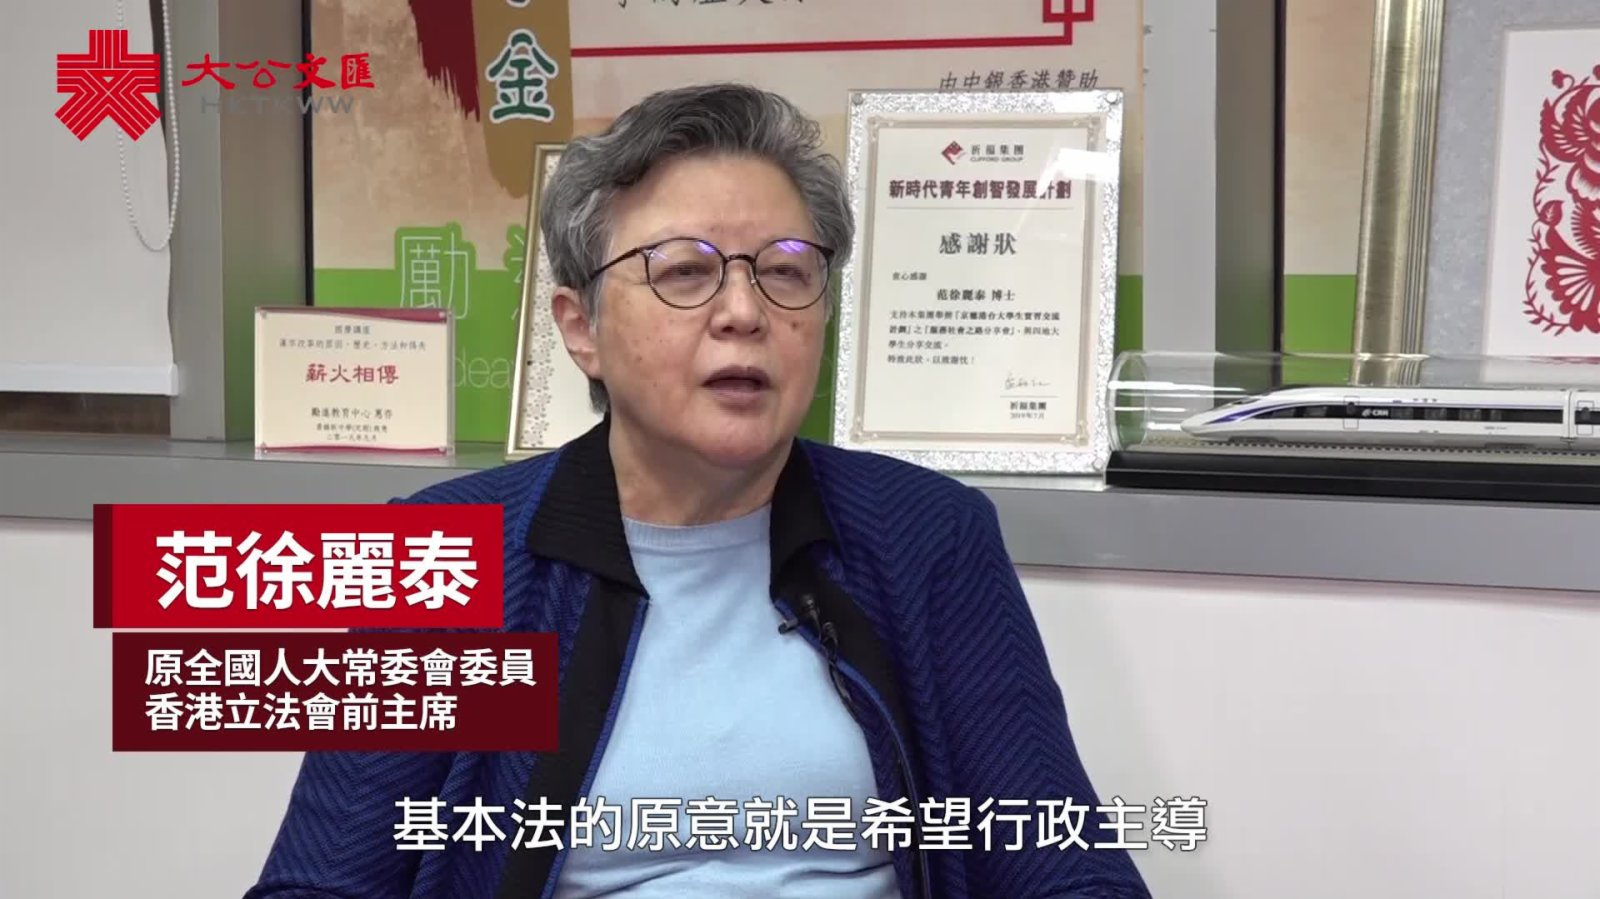 范徐麗泰:完善選制實現行政主導 合乎基本法原意